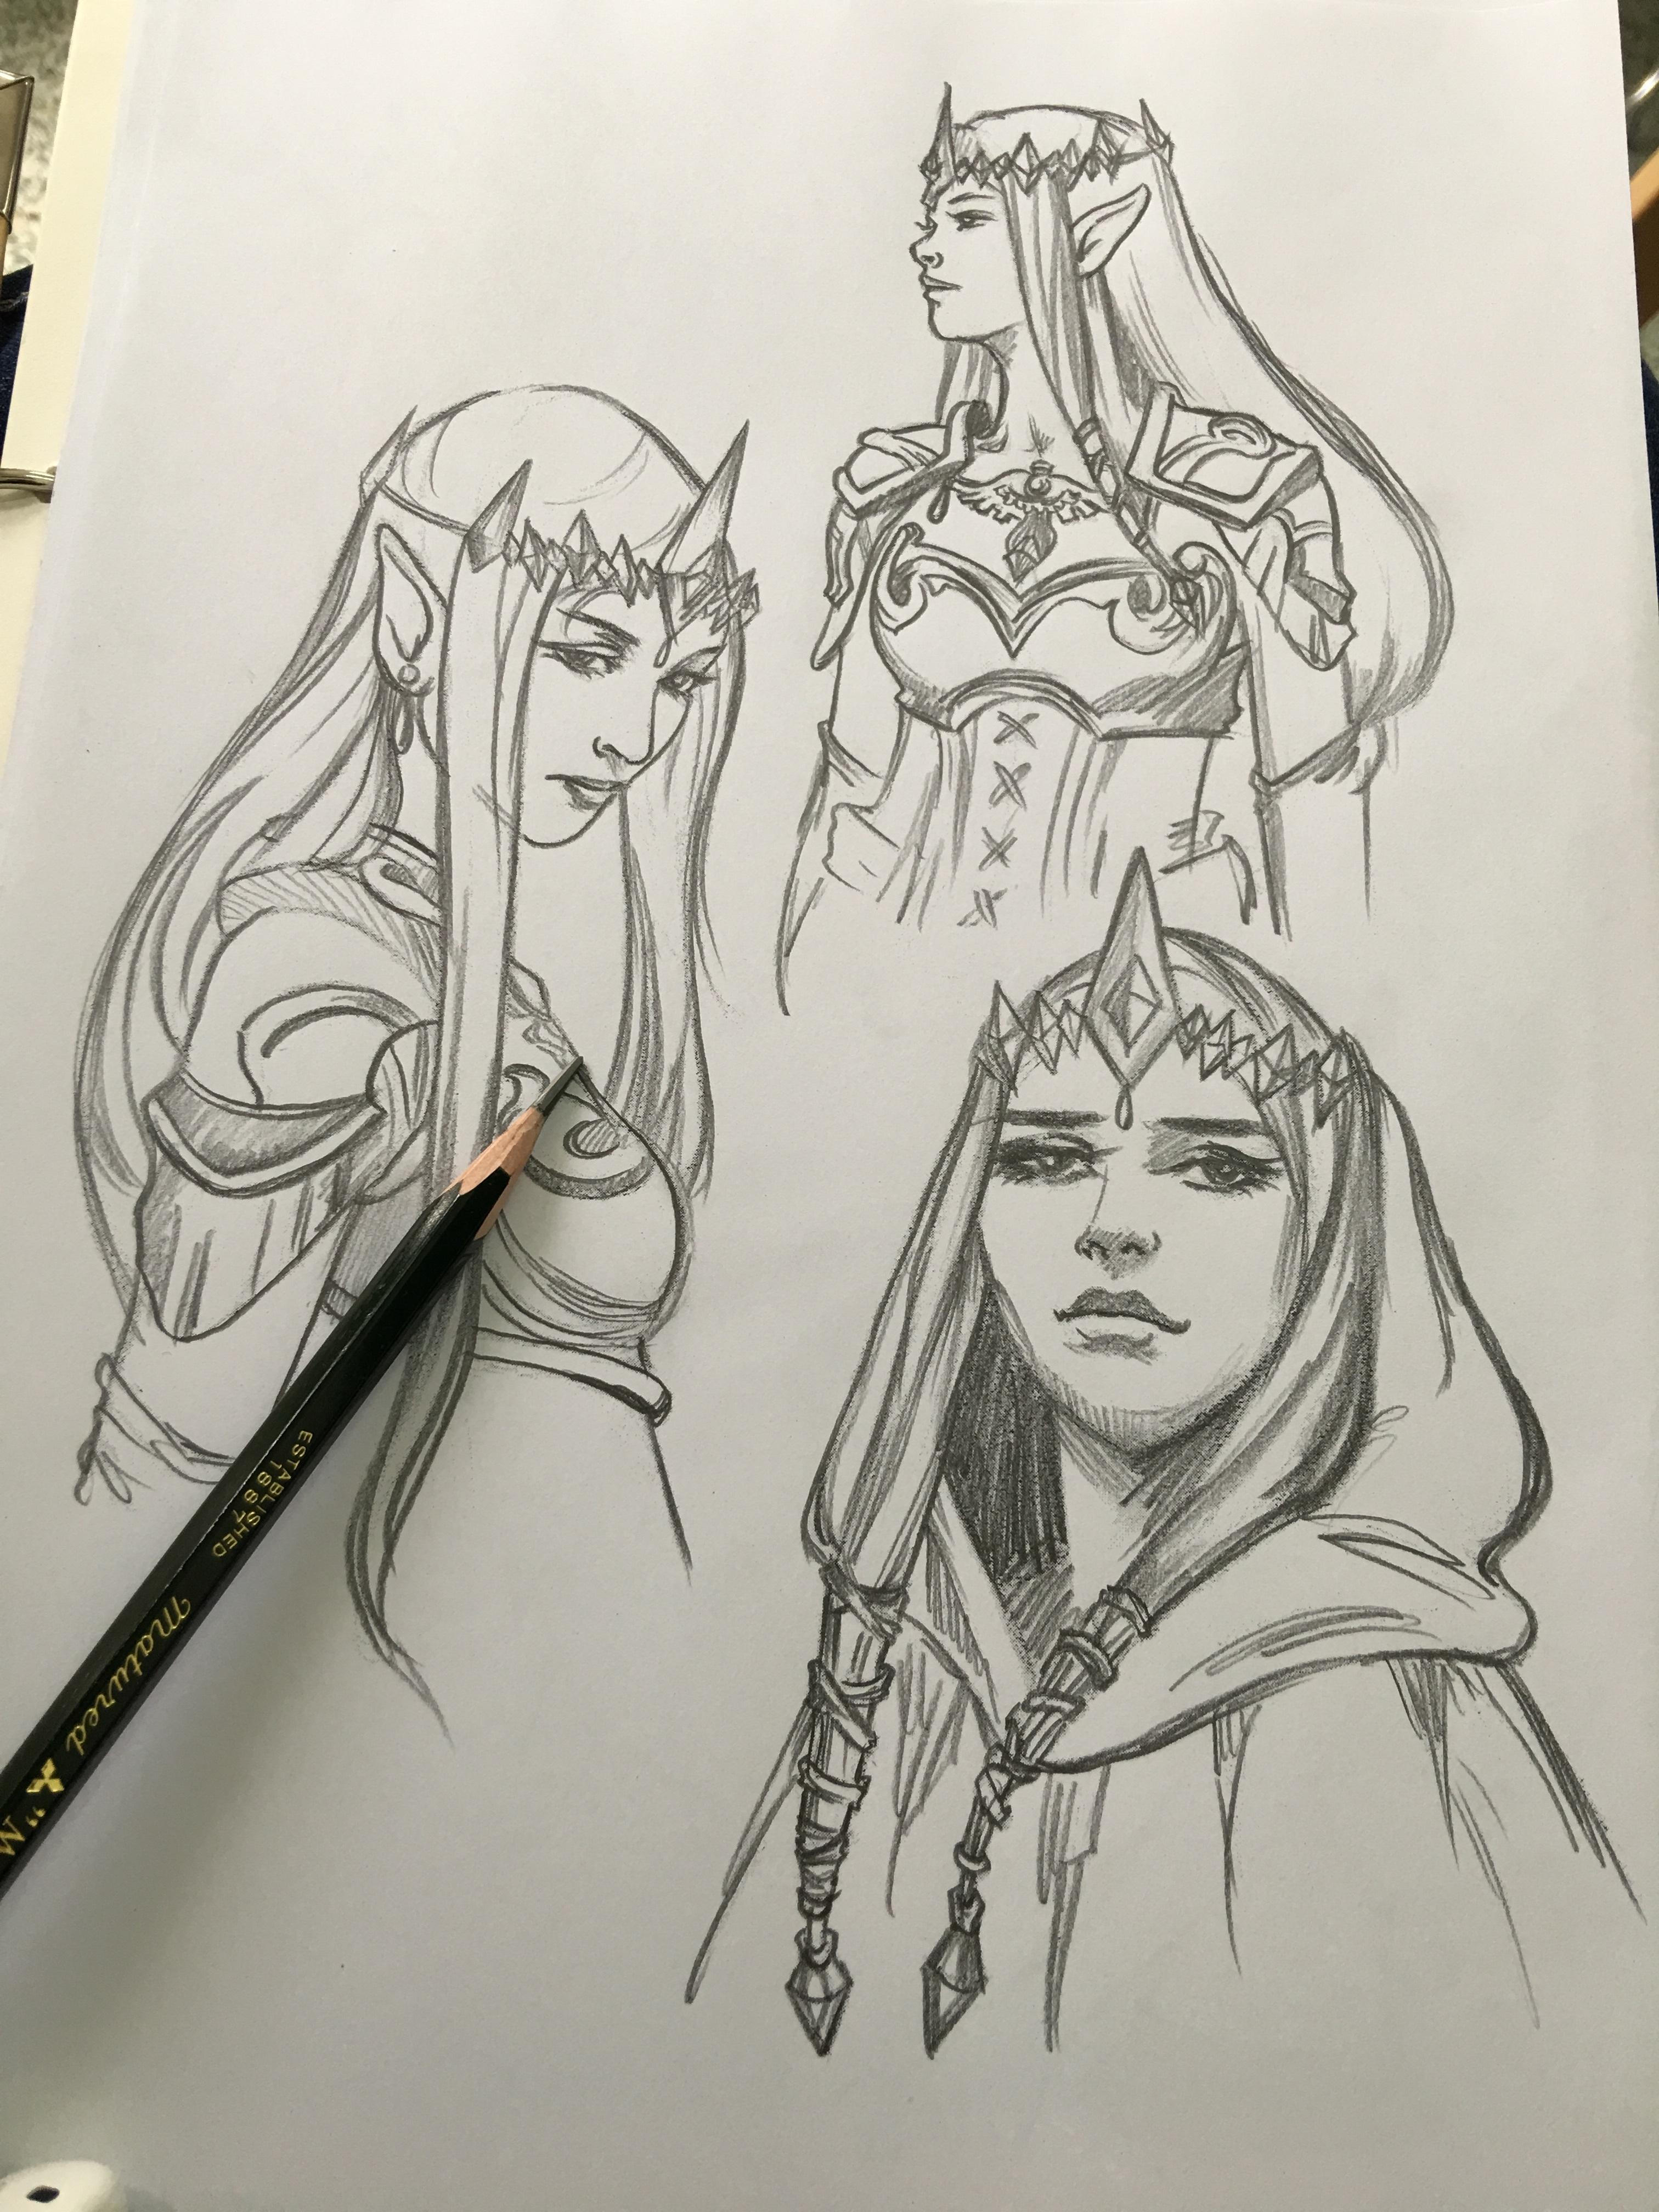 Gambar Karya Seni Sketsa Ilustrasi Karakter Gambar Kartun